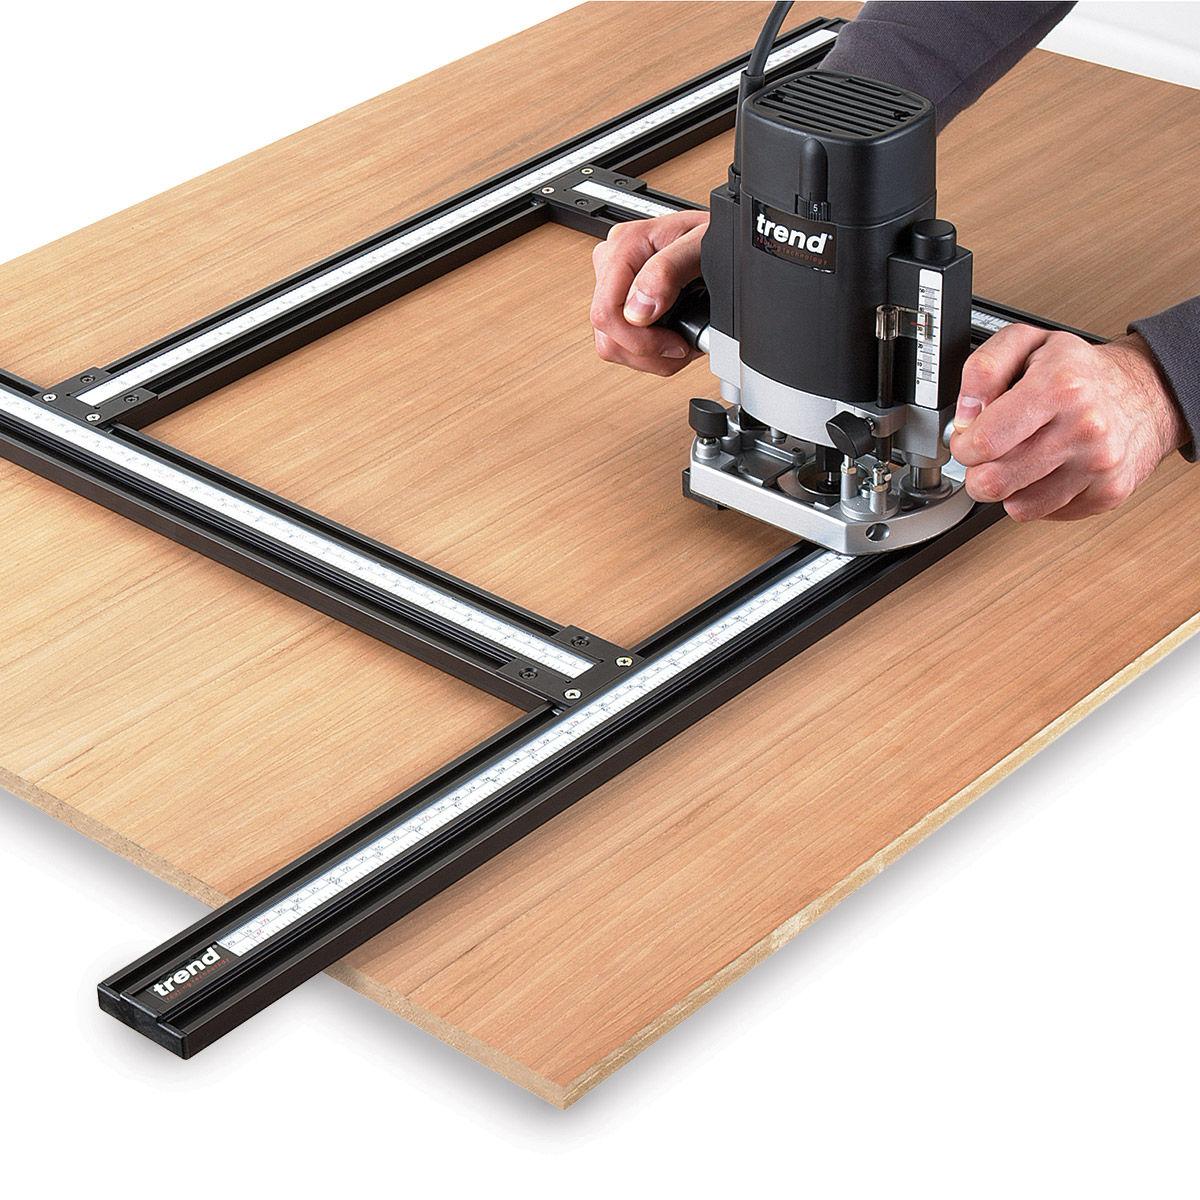 Toolstop Trend Varijig Varijig System Adjustable Frame